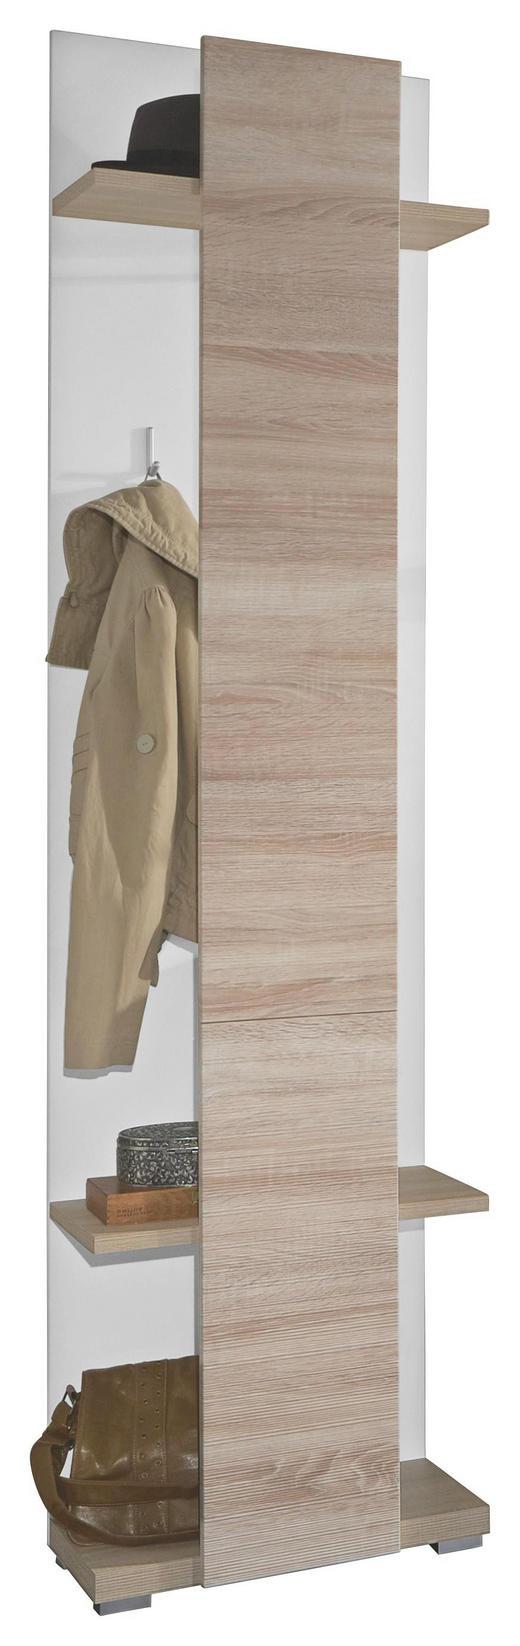 GARDEROBENPANEEL geschroppt, sägerau Eichefarben, Weiß - Eichefarben/Weiß, Design (50/207/30cm) - Xora